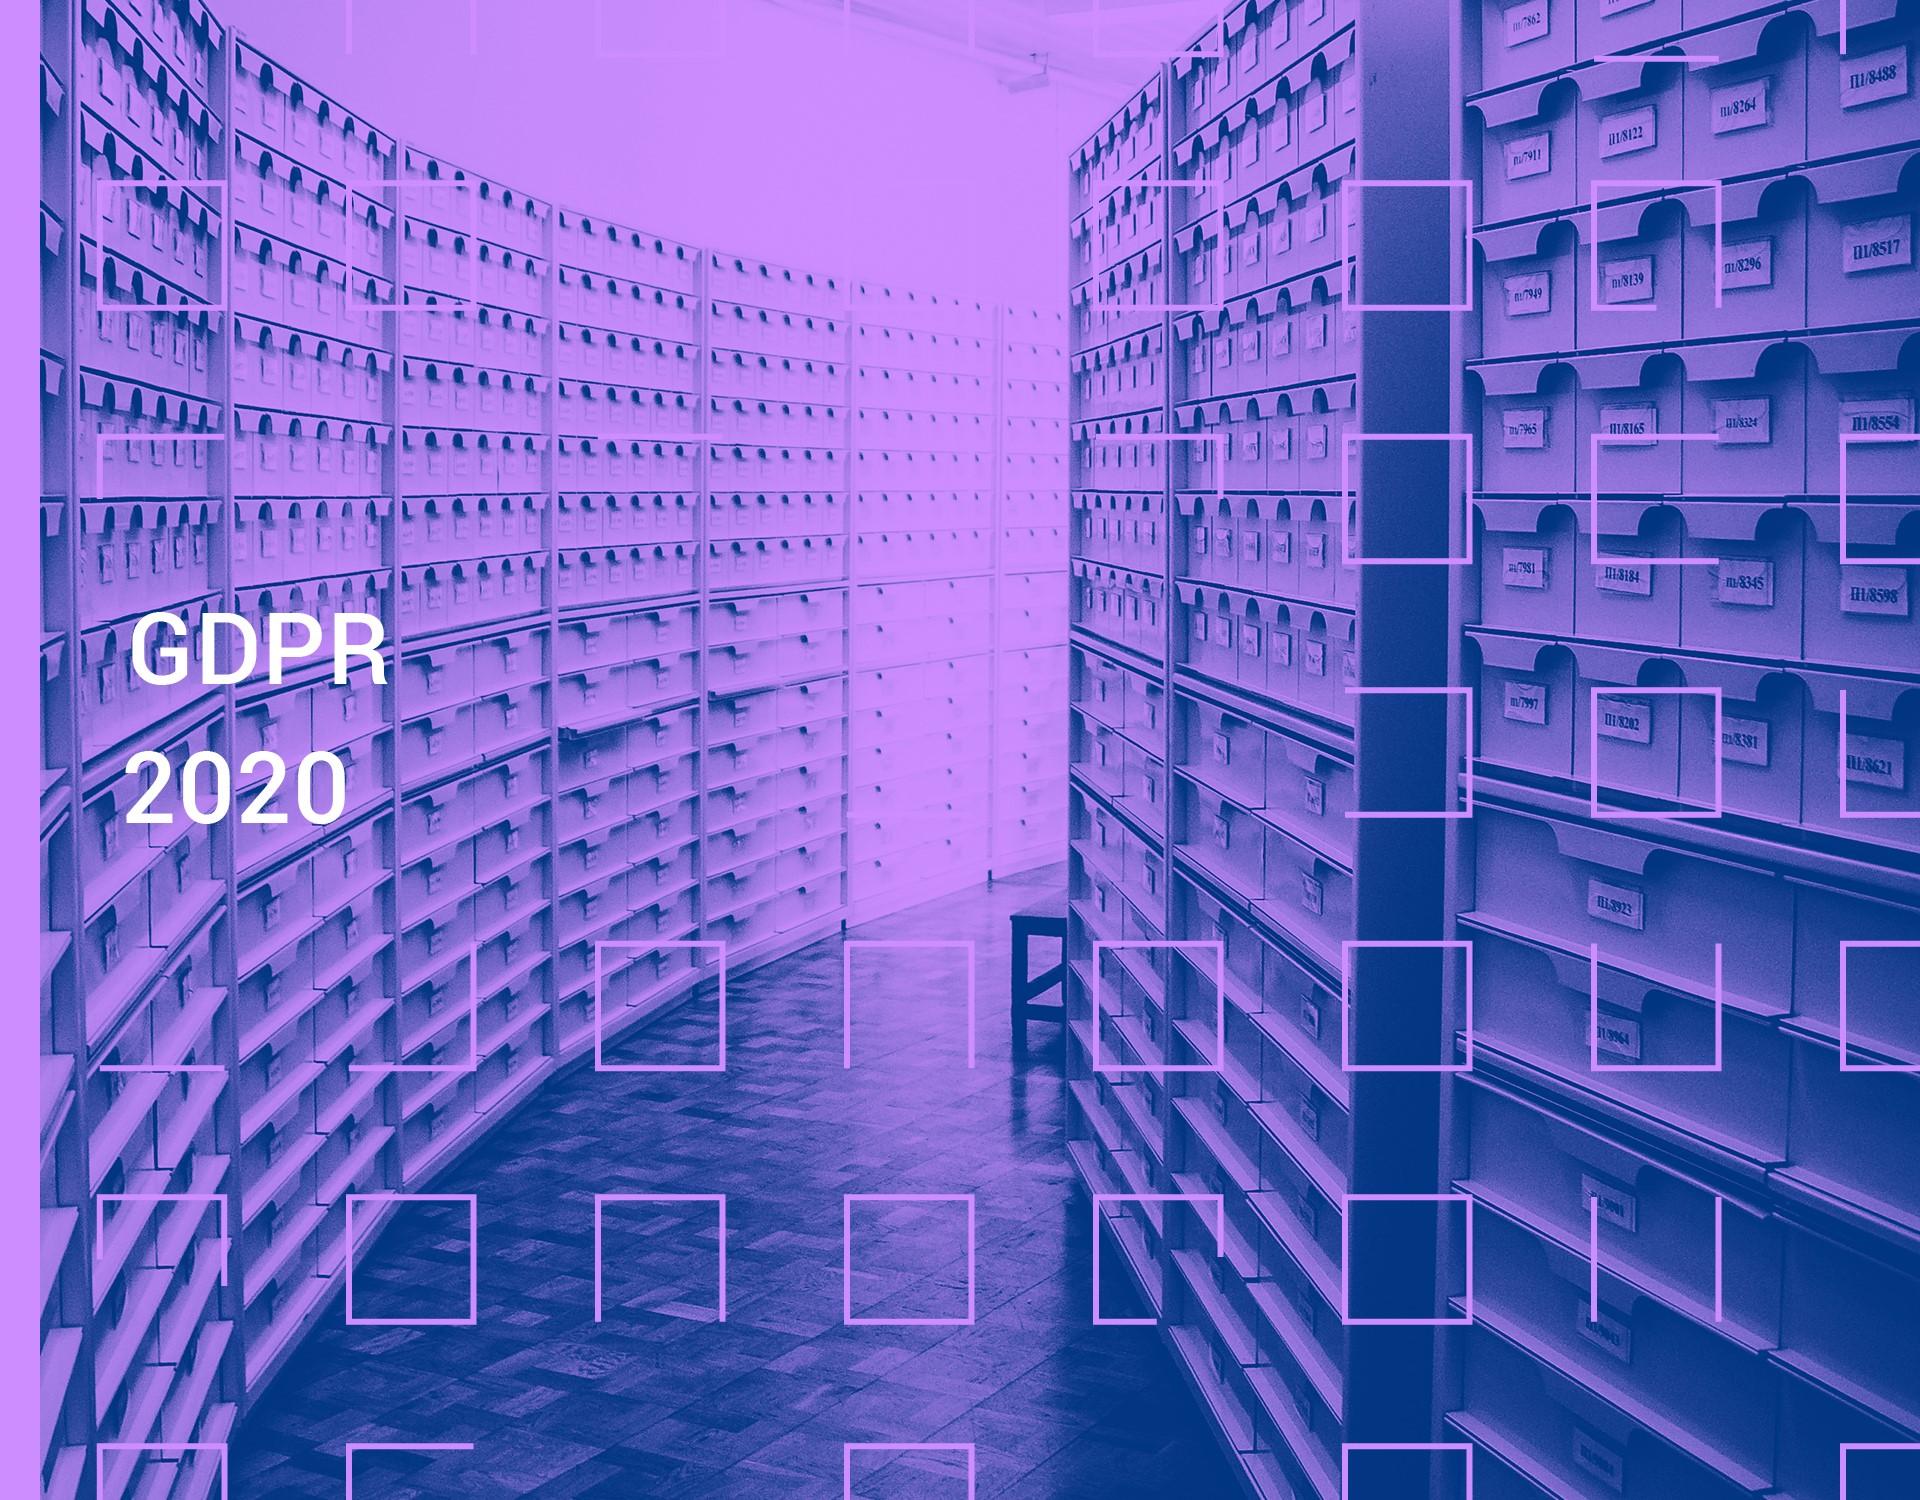 Rapporto Information Governance 2020 - Ricognizione di approcci in tema di cancellazione e conservazione dei dati